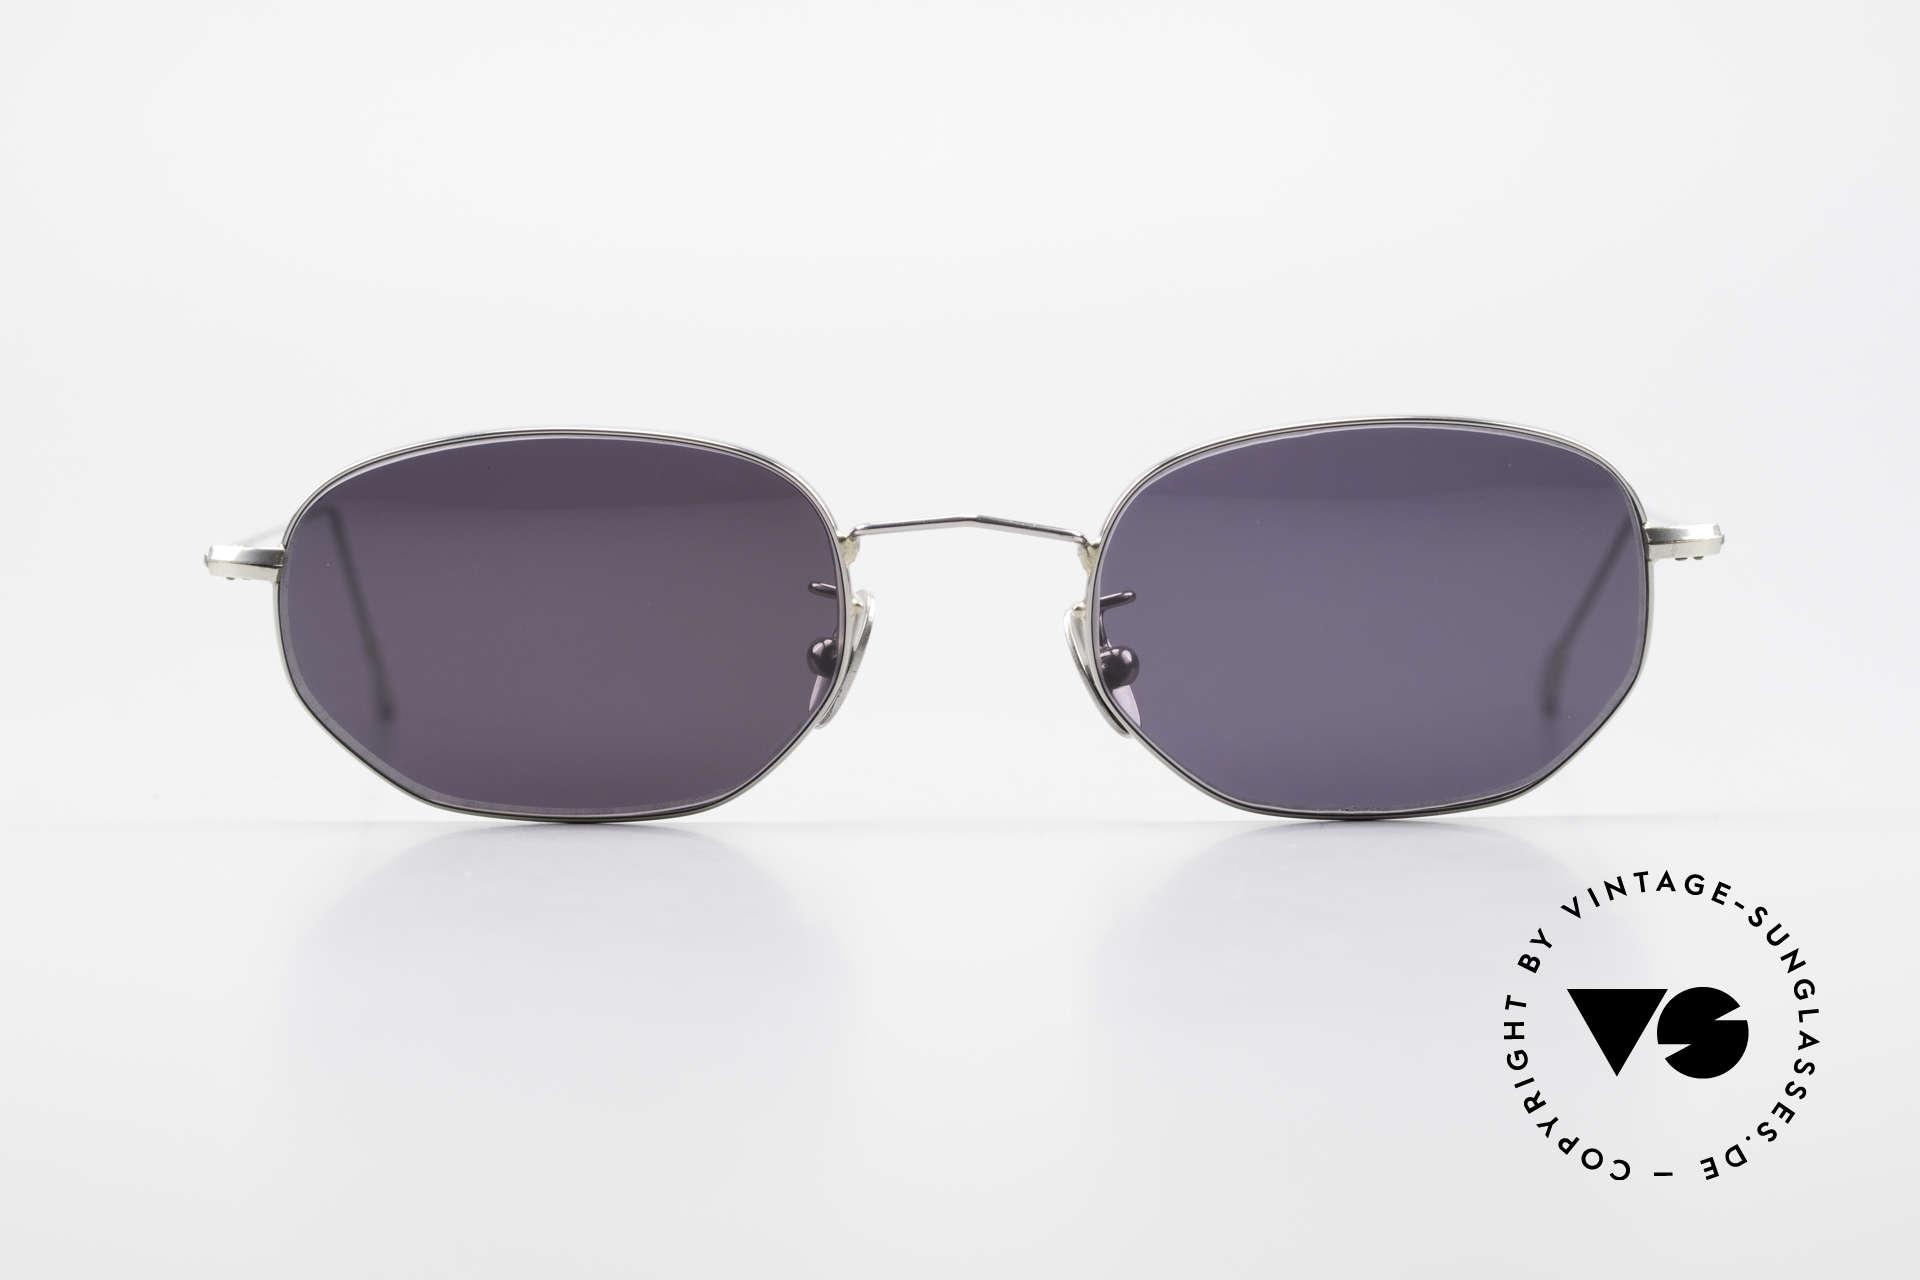 Cutler And Gross 0370 Klassische Sonnenbrille Unisex, klassisch, zeitlose Understatement Luxus-Sonnenbrille, Passend für Herren und Damen